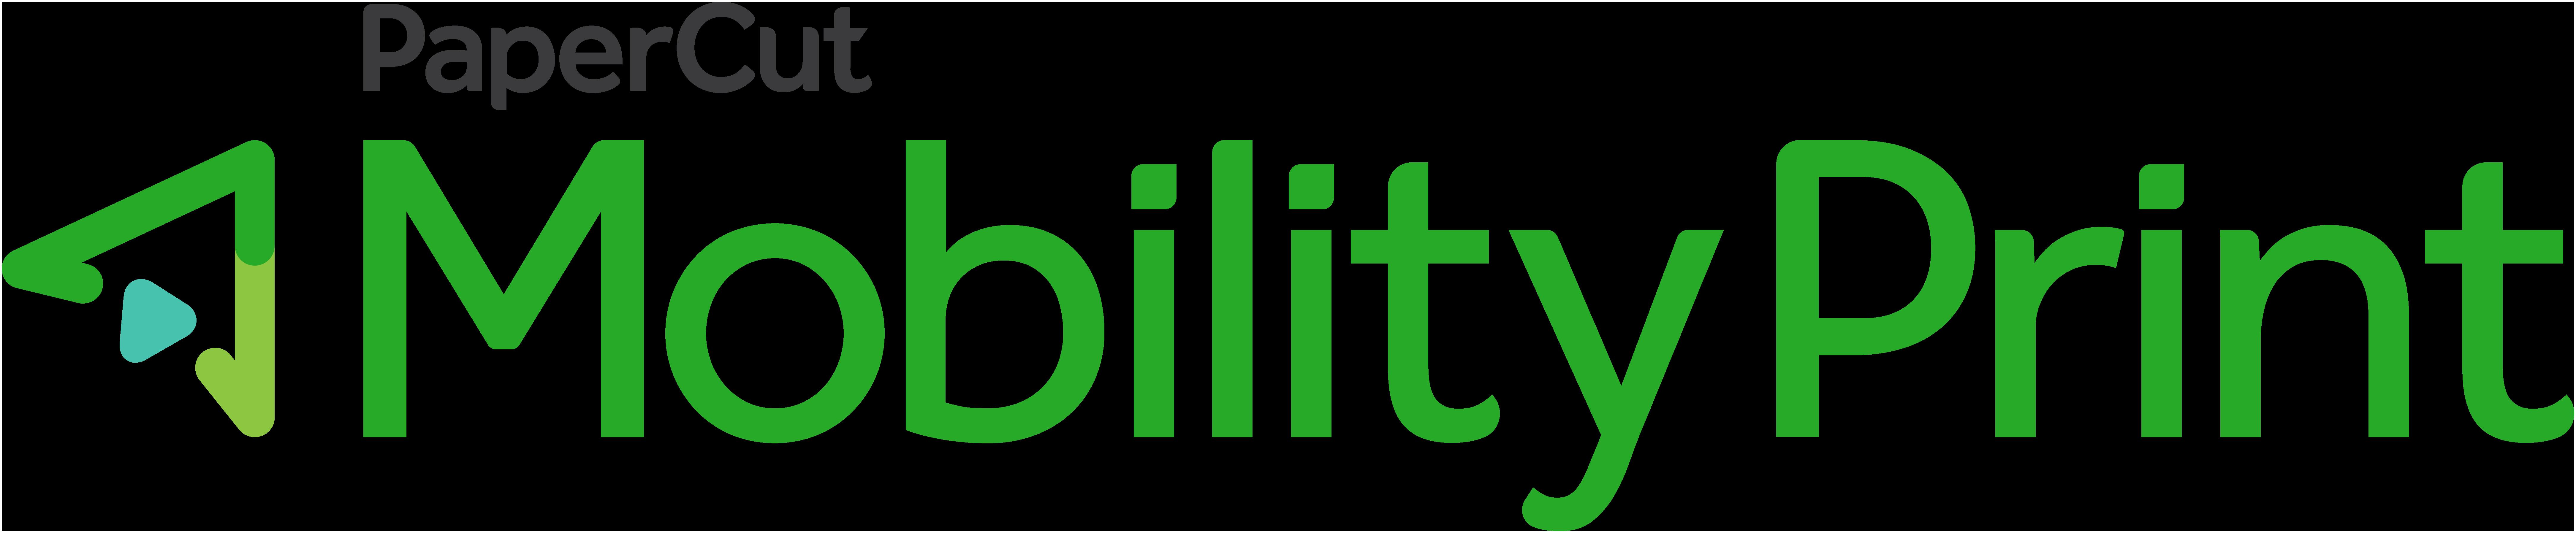 https://www.rhymebiz.com/sites/rhymebiz.com/assets/images/BlogImages/mobility-print-logo.png